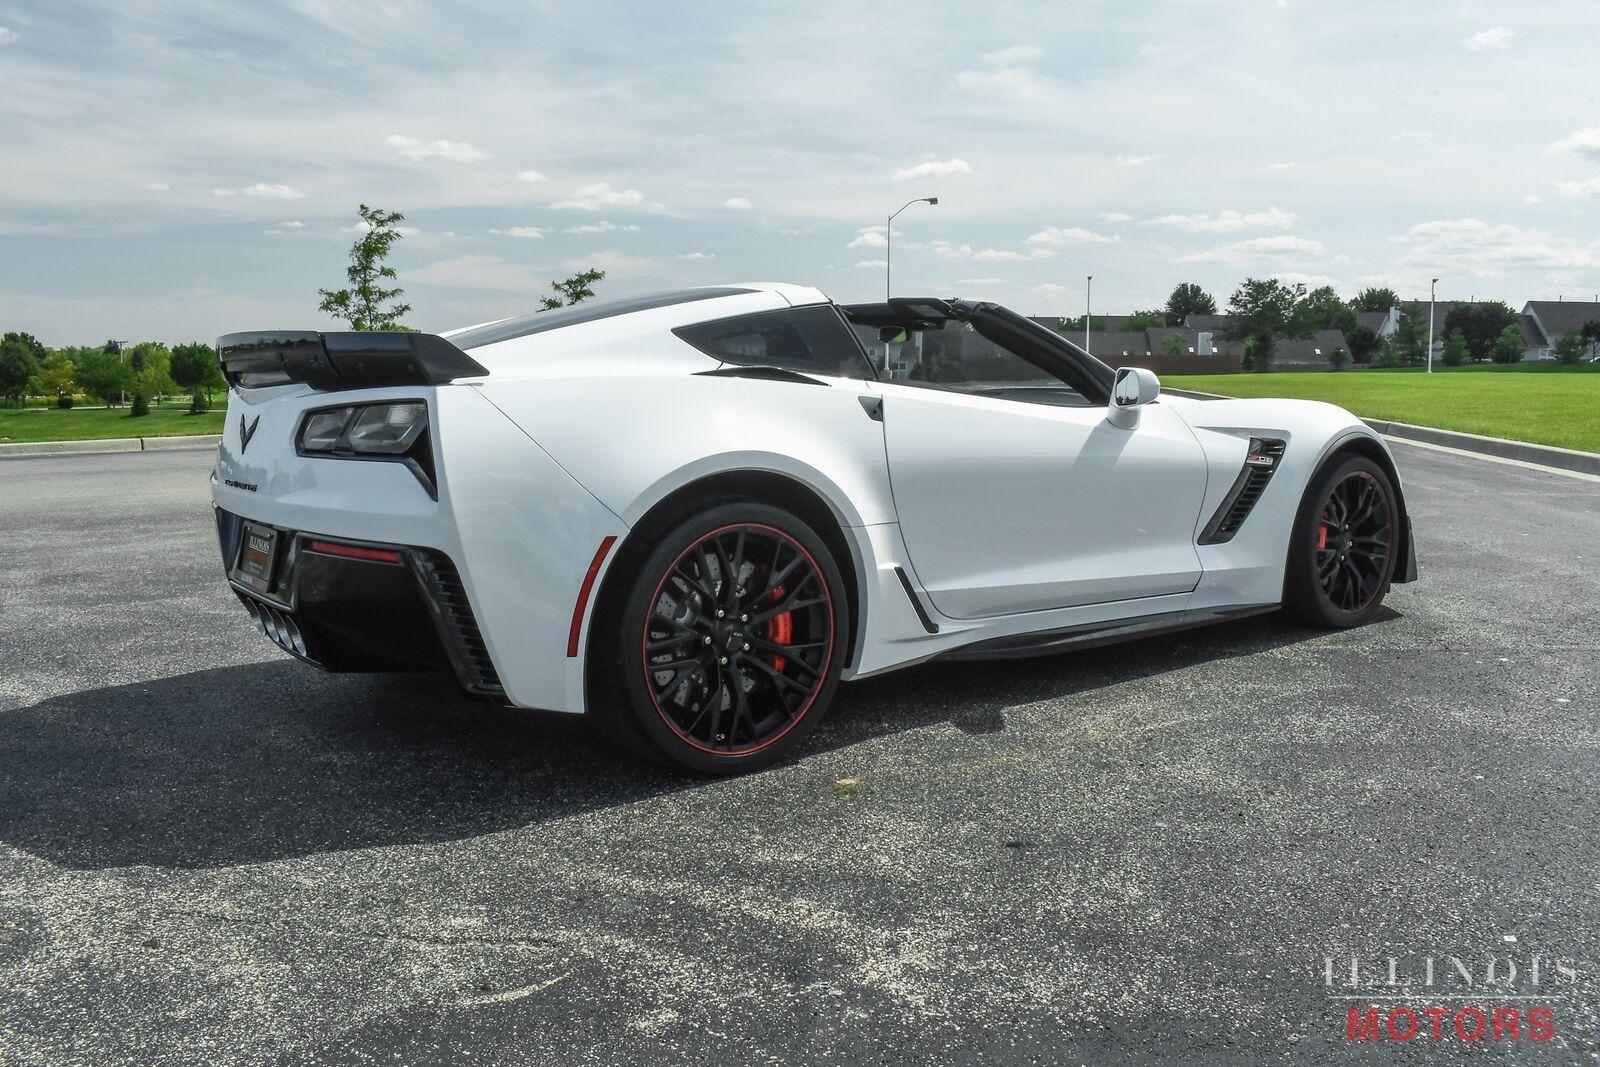 2017 White Chevrolet Corvette Z06    C7 Corvette Photo 6